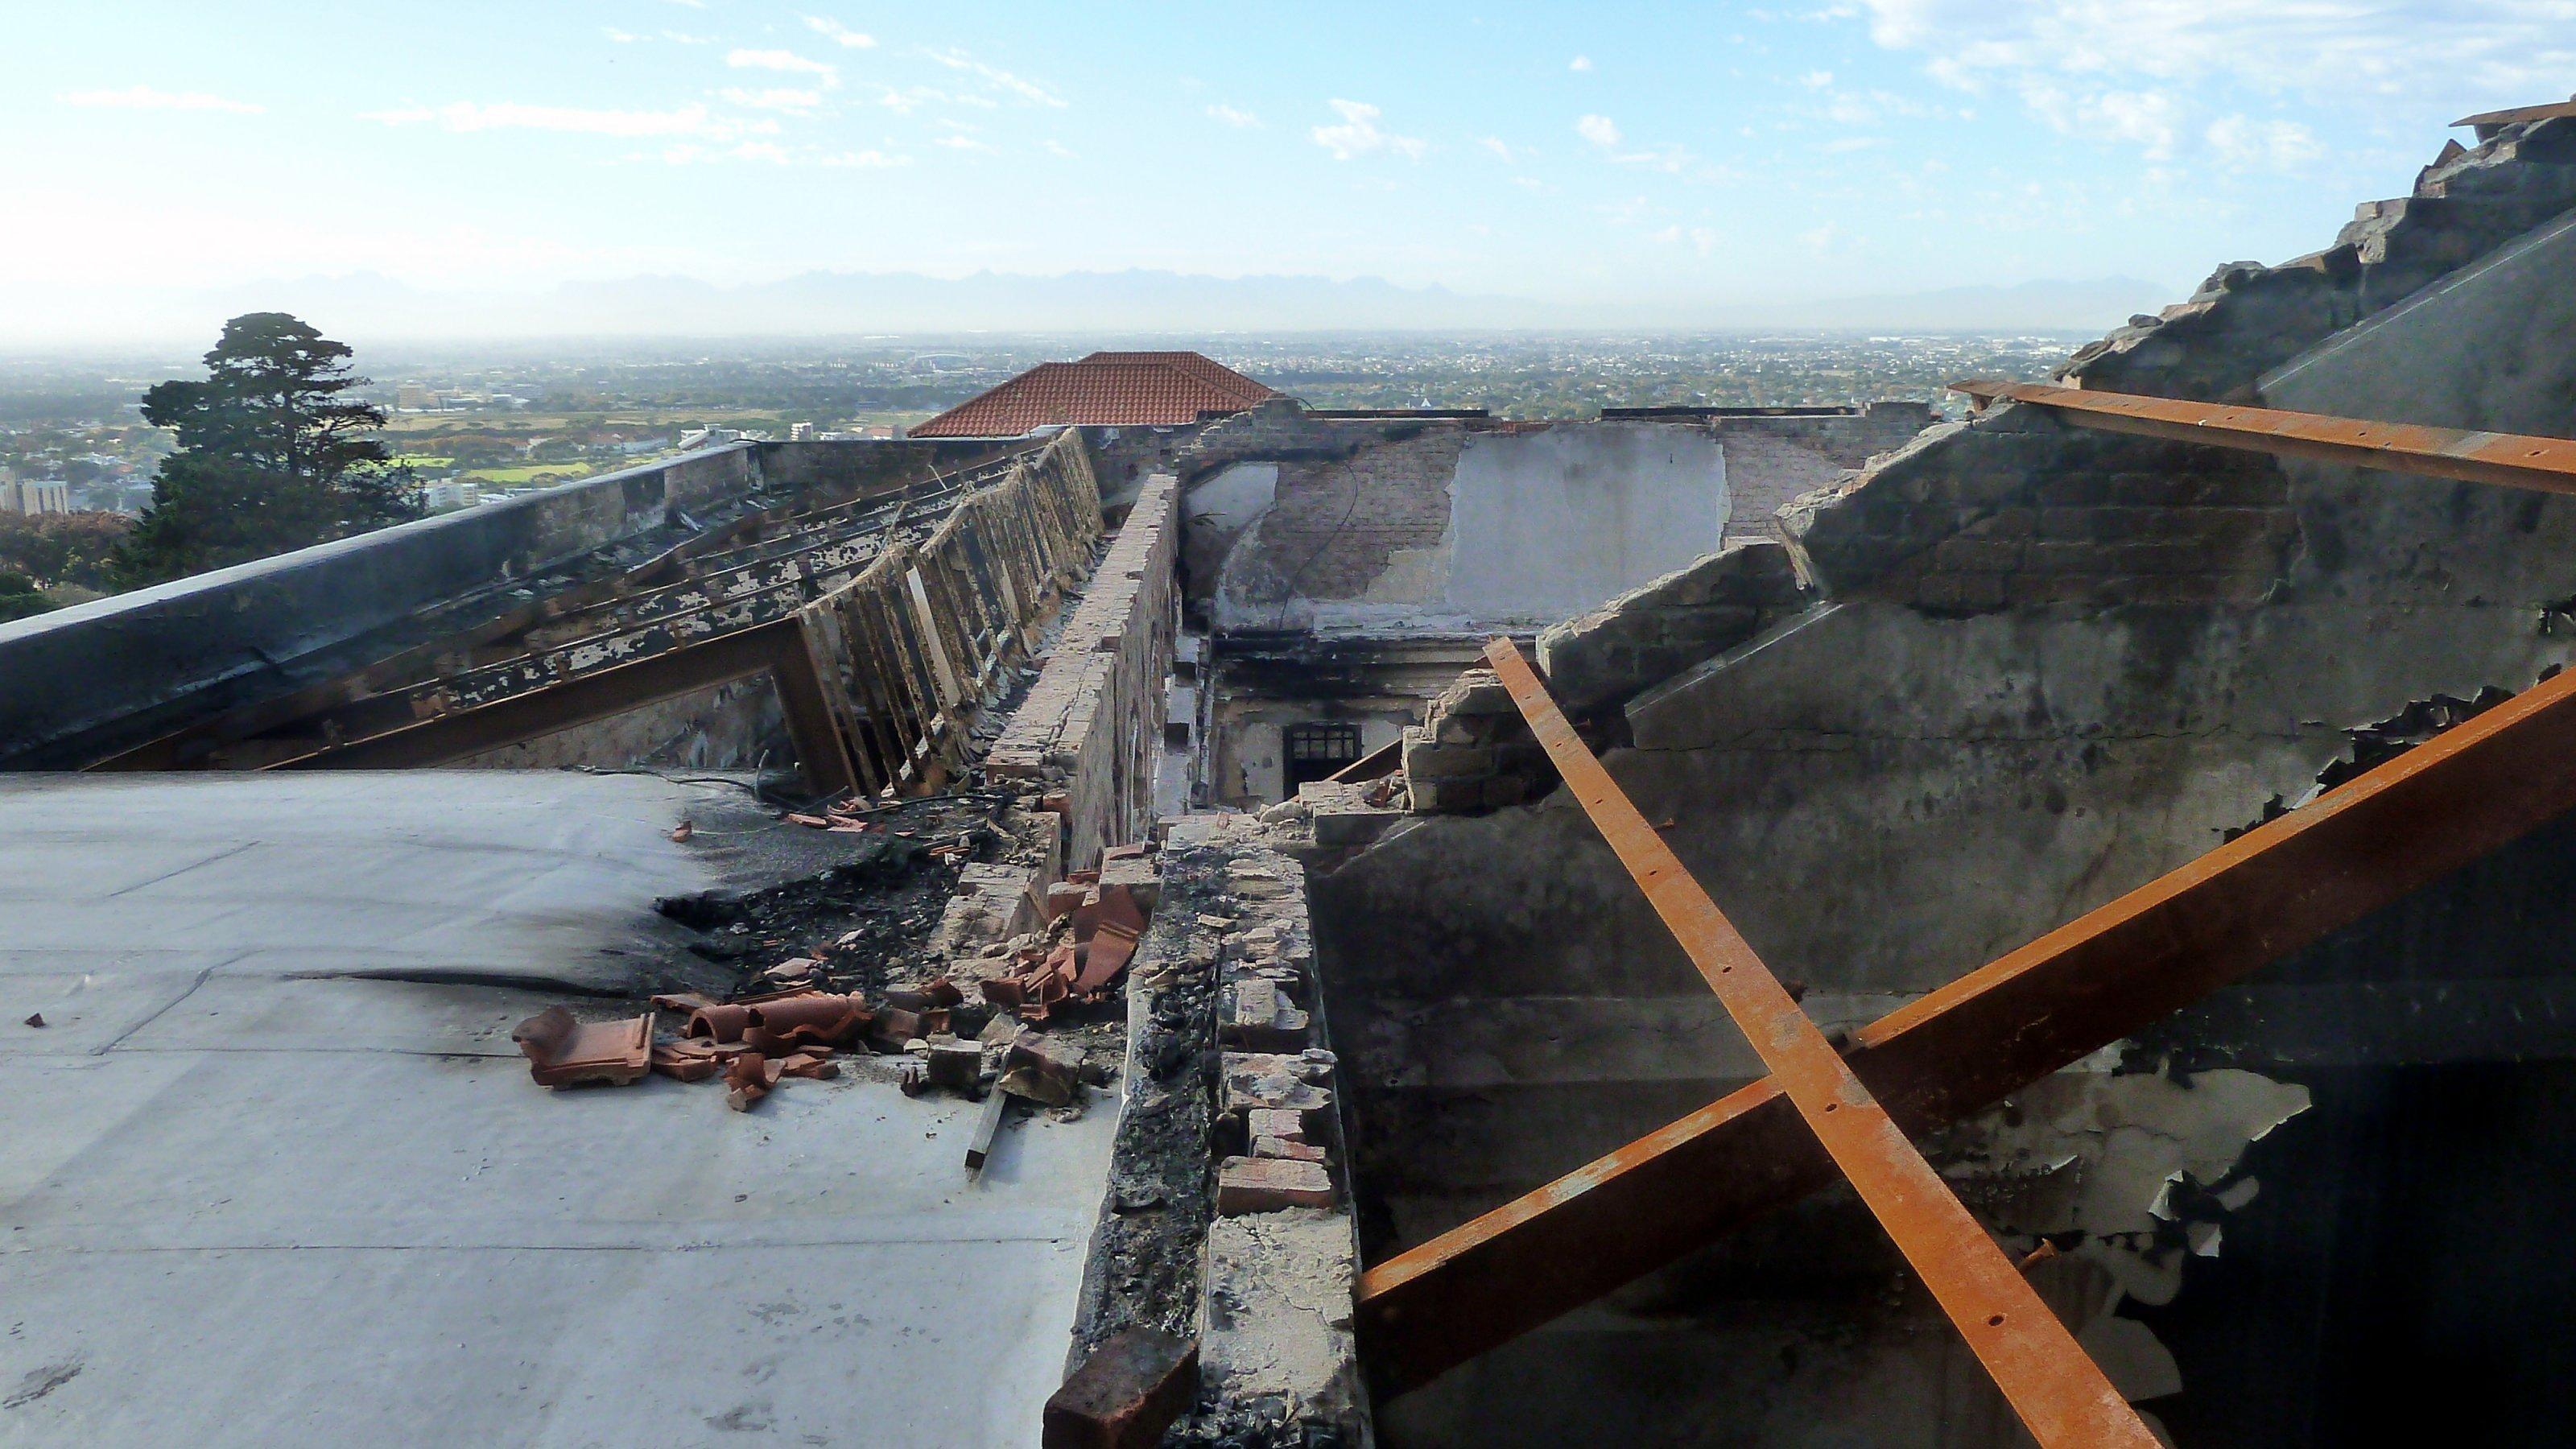 Die Mauern sind verußt, das Dach der Bibliothek ist verbrannt